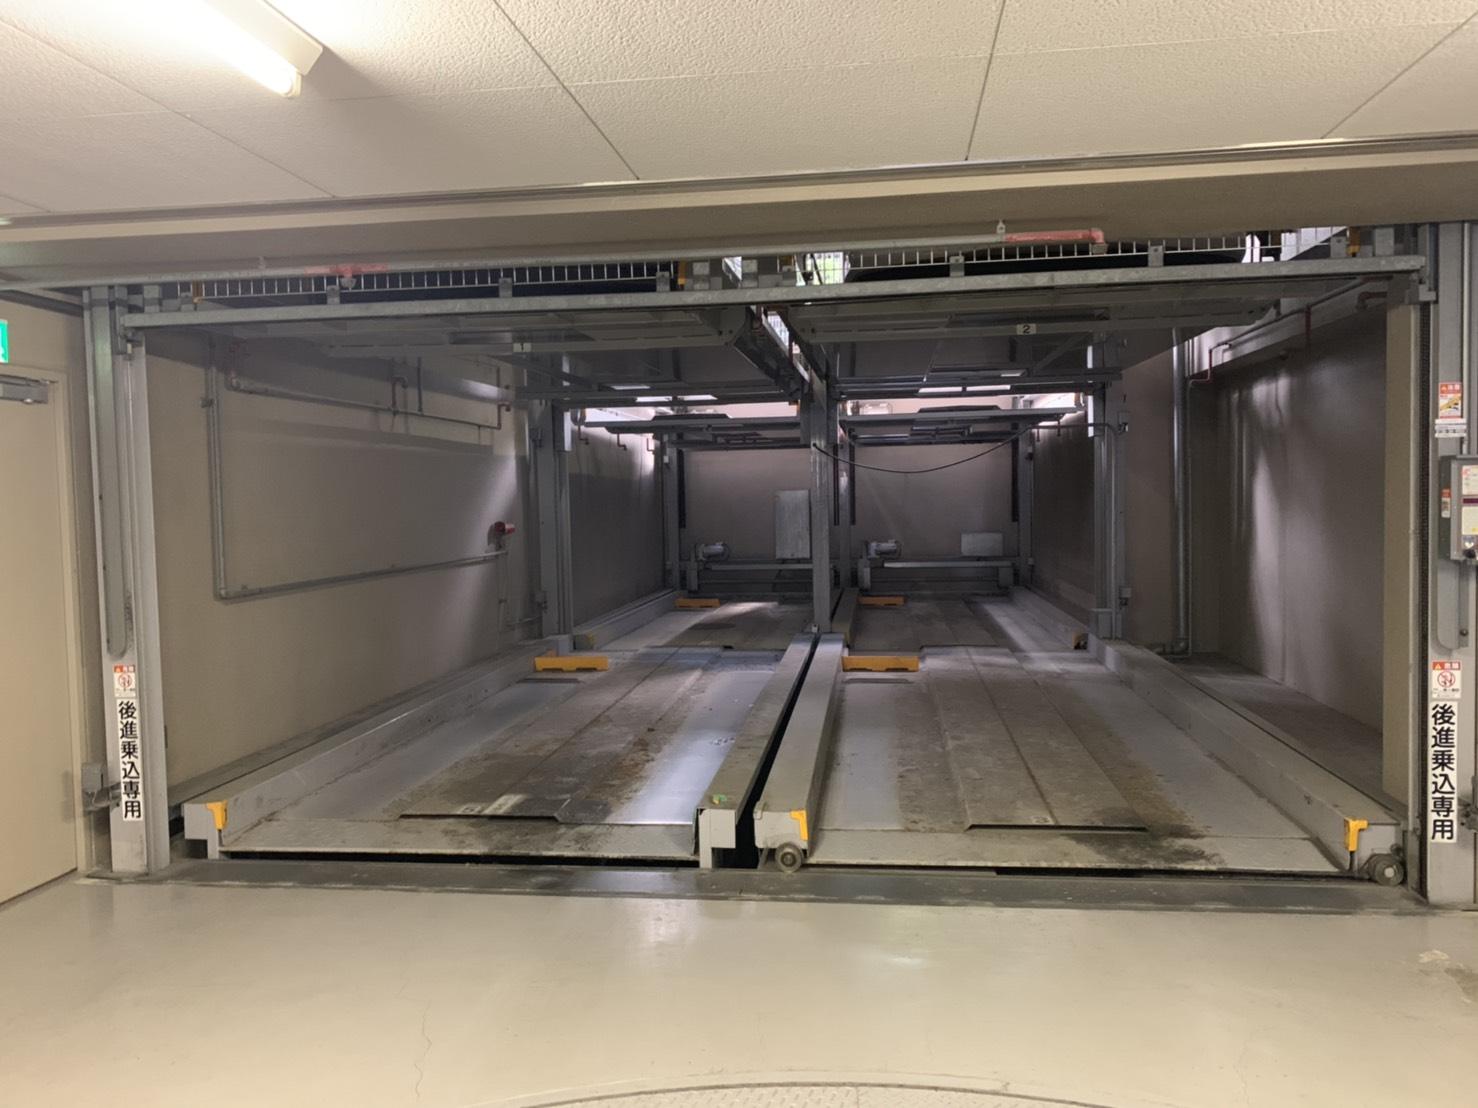 2019年5月度8件の立体駐車場メンテナンス新規受託を頂きました!